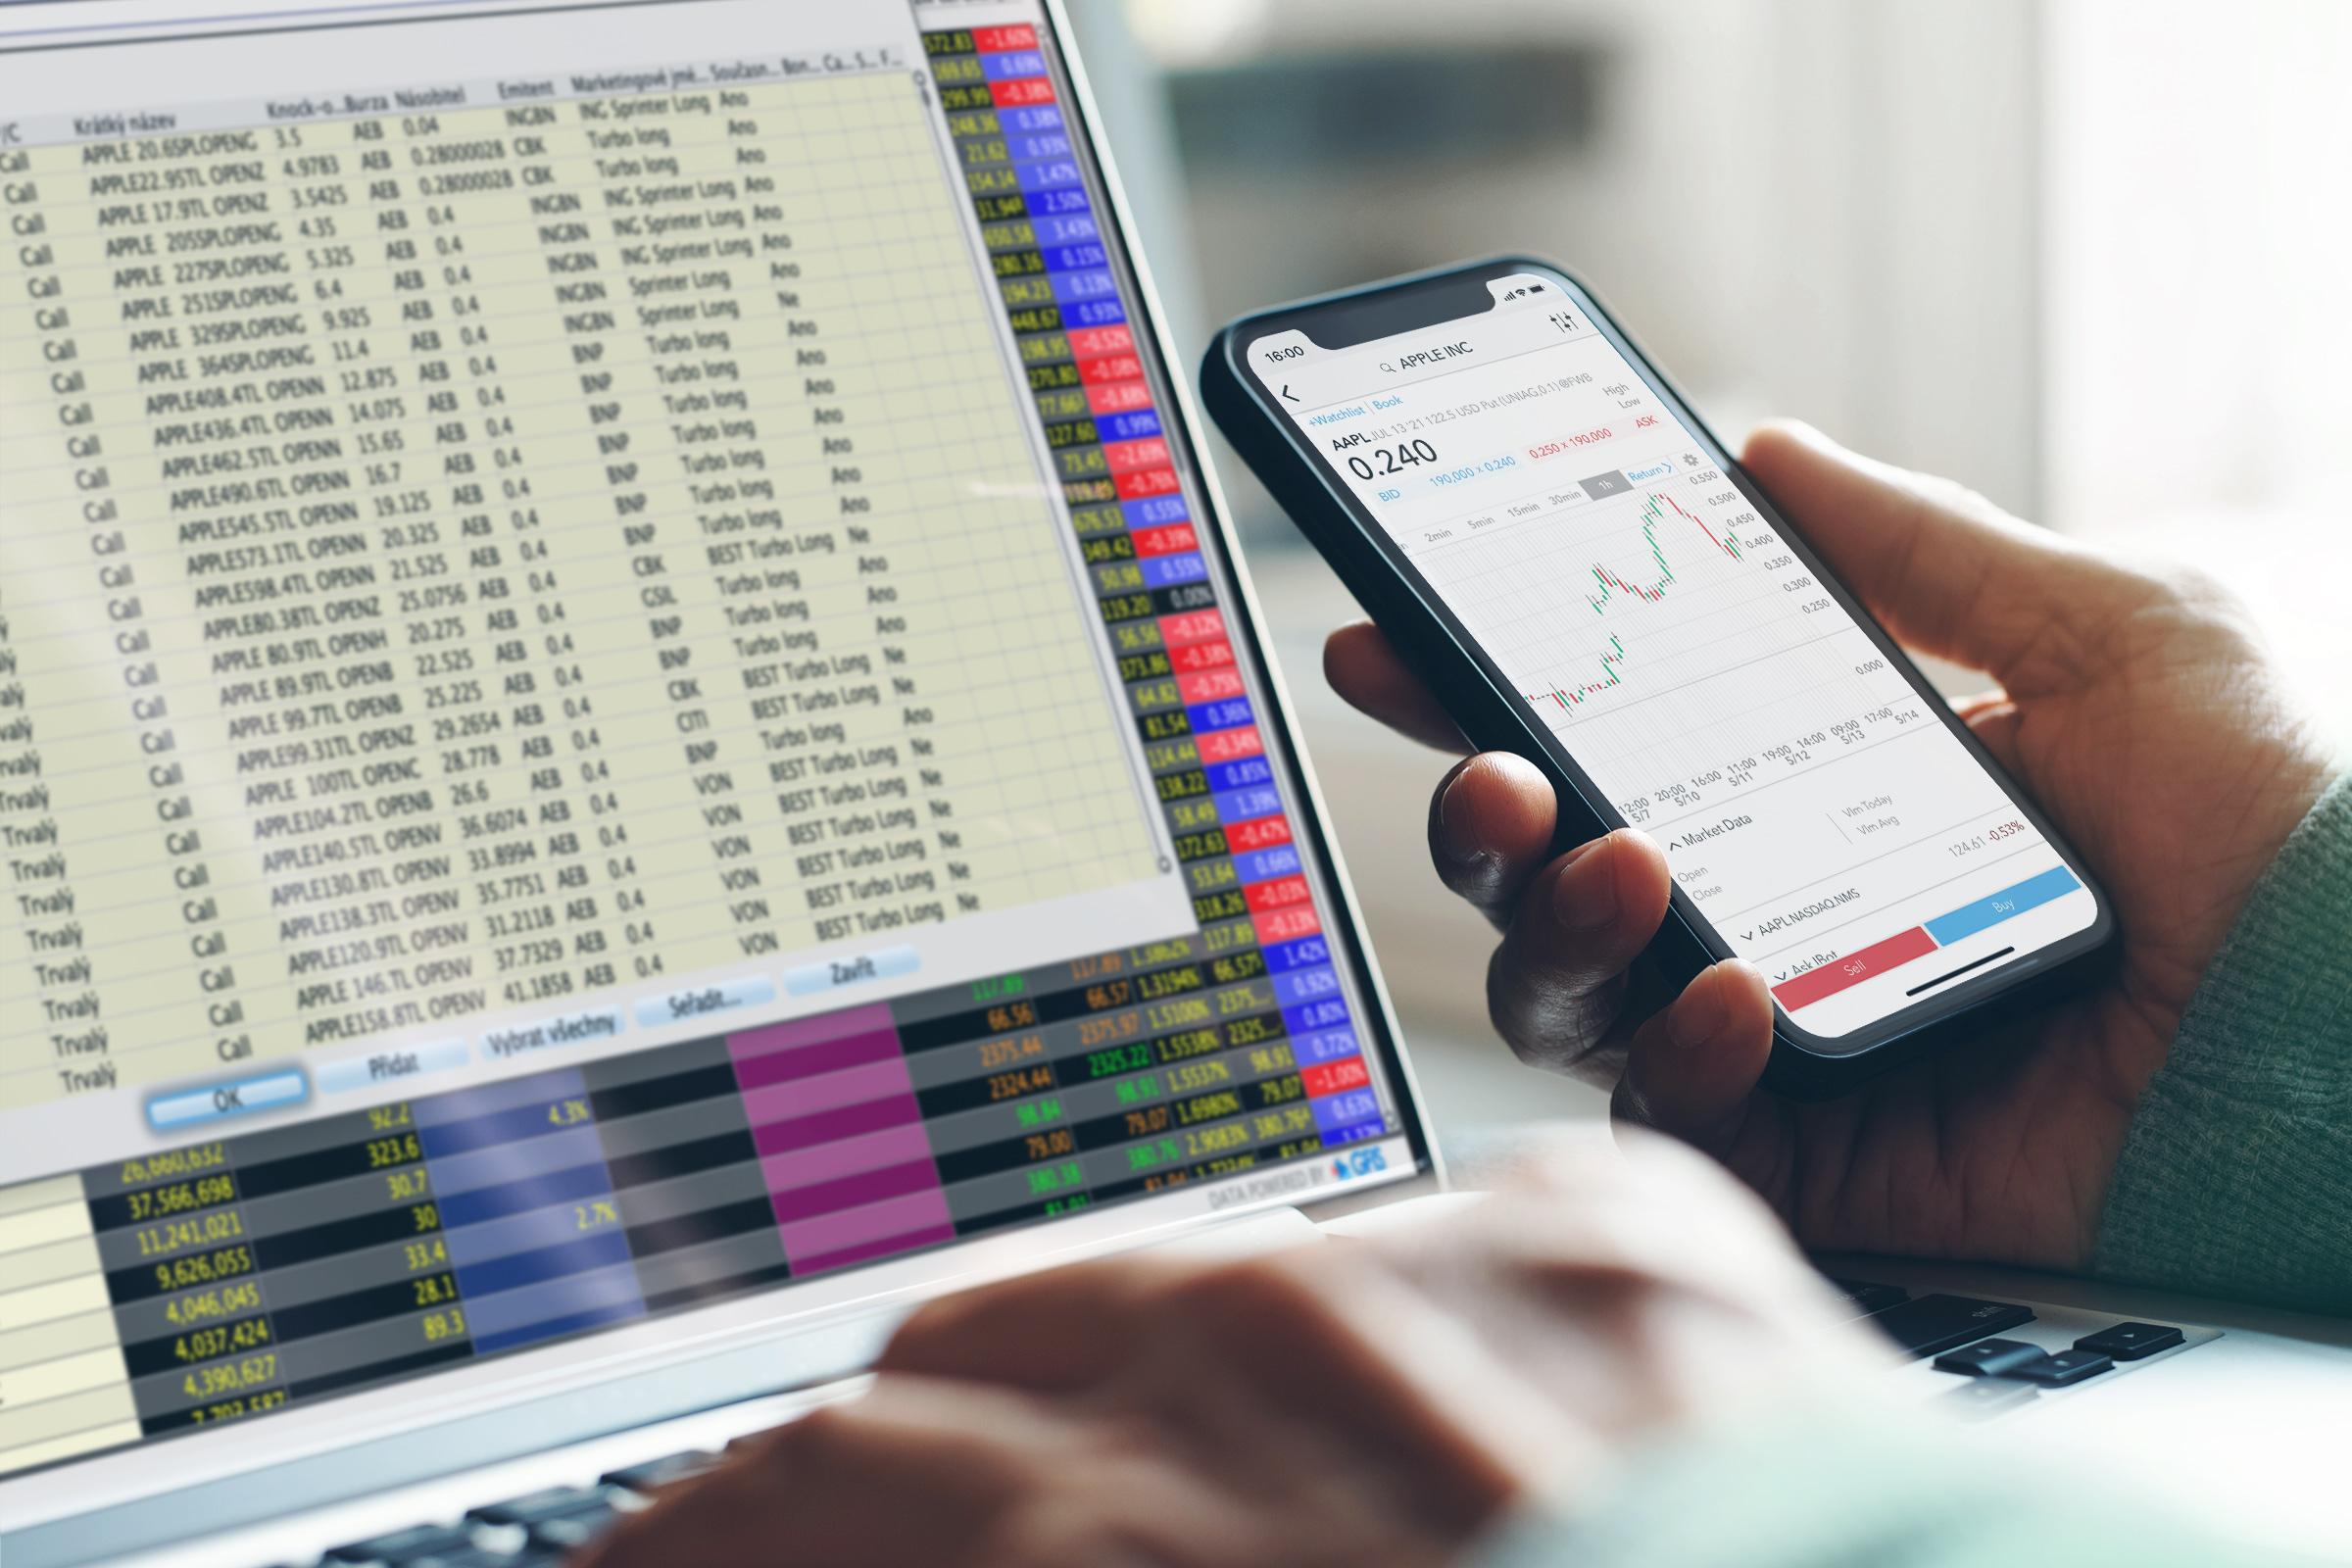 Obchodování warranntů prostřednictvím TWS a mobilního telefonu